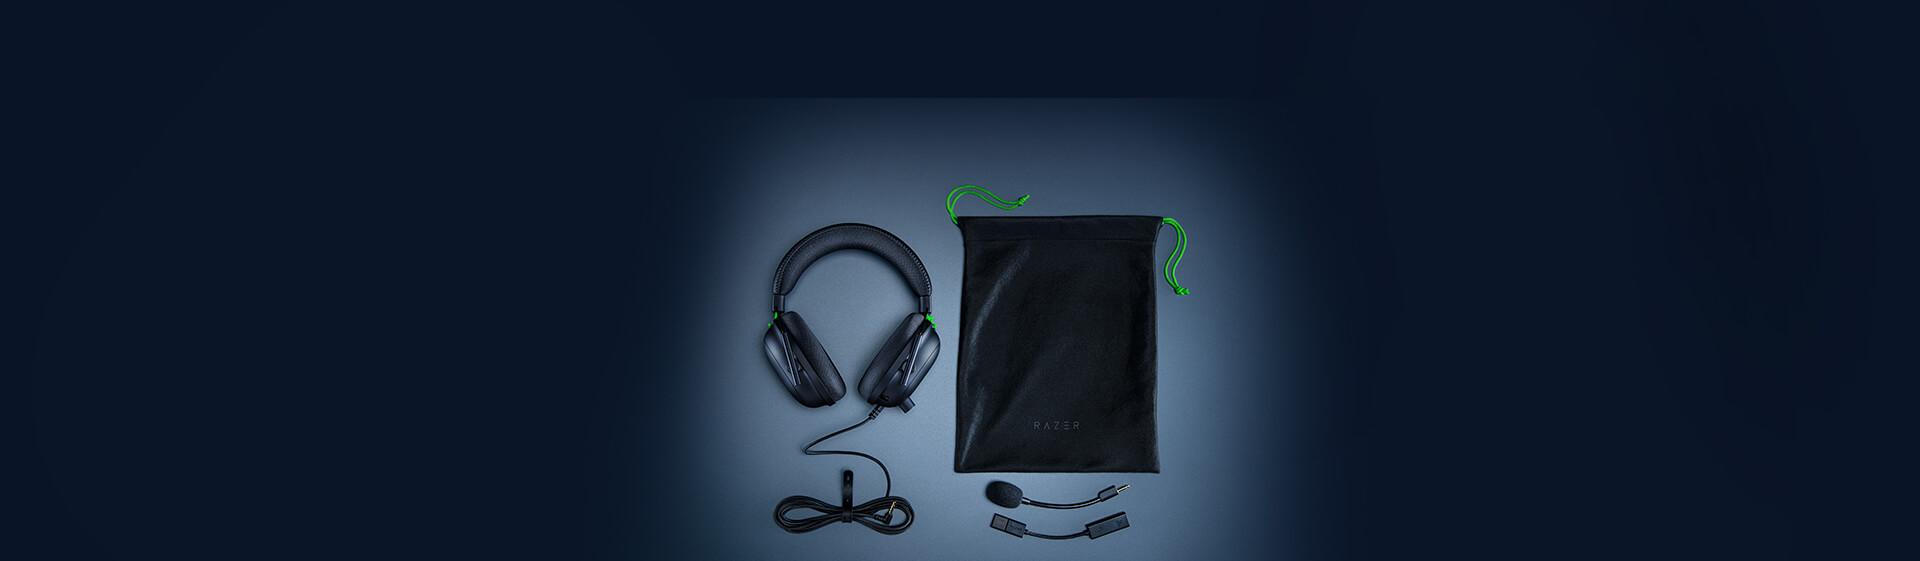 Tai nghe Razer BlackShark V2 - Wired Gaming Headset + USB Sound Card - RZ04-03230100-R3M1 tương thích với nhiều nền tảng